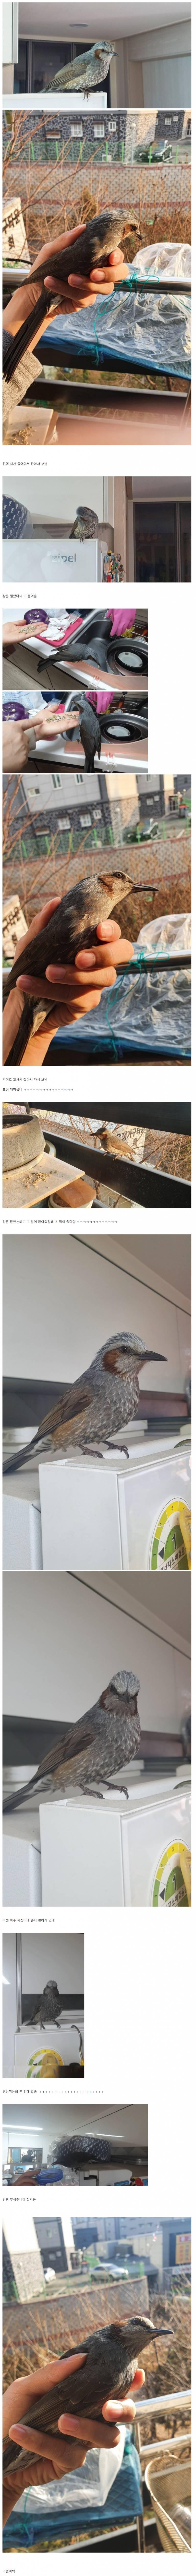 당당하게 계속 찾아오는 불법침입자.bird | 인스티즈